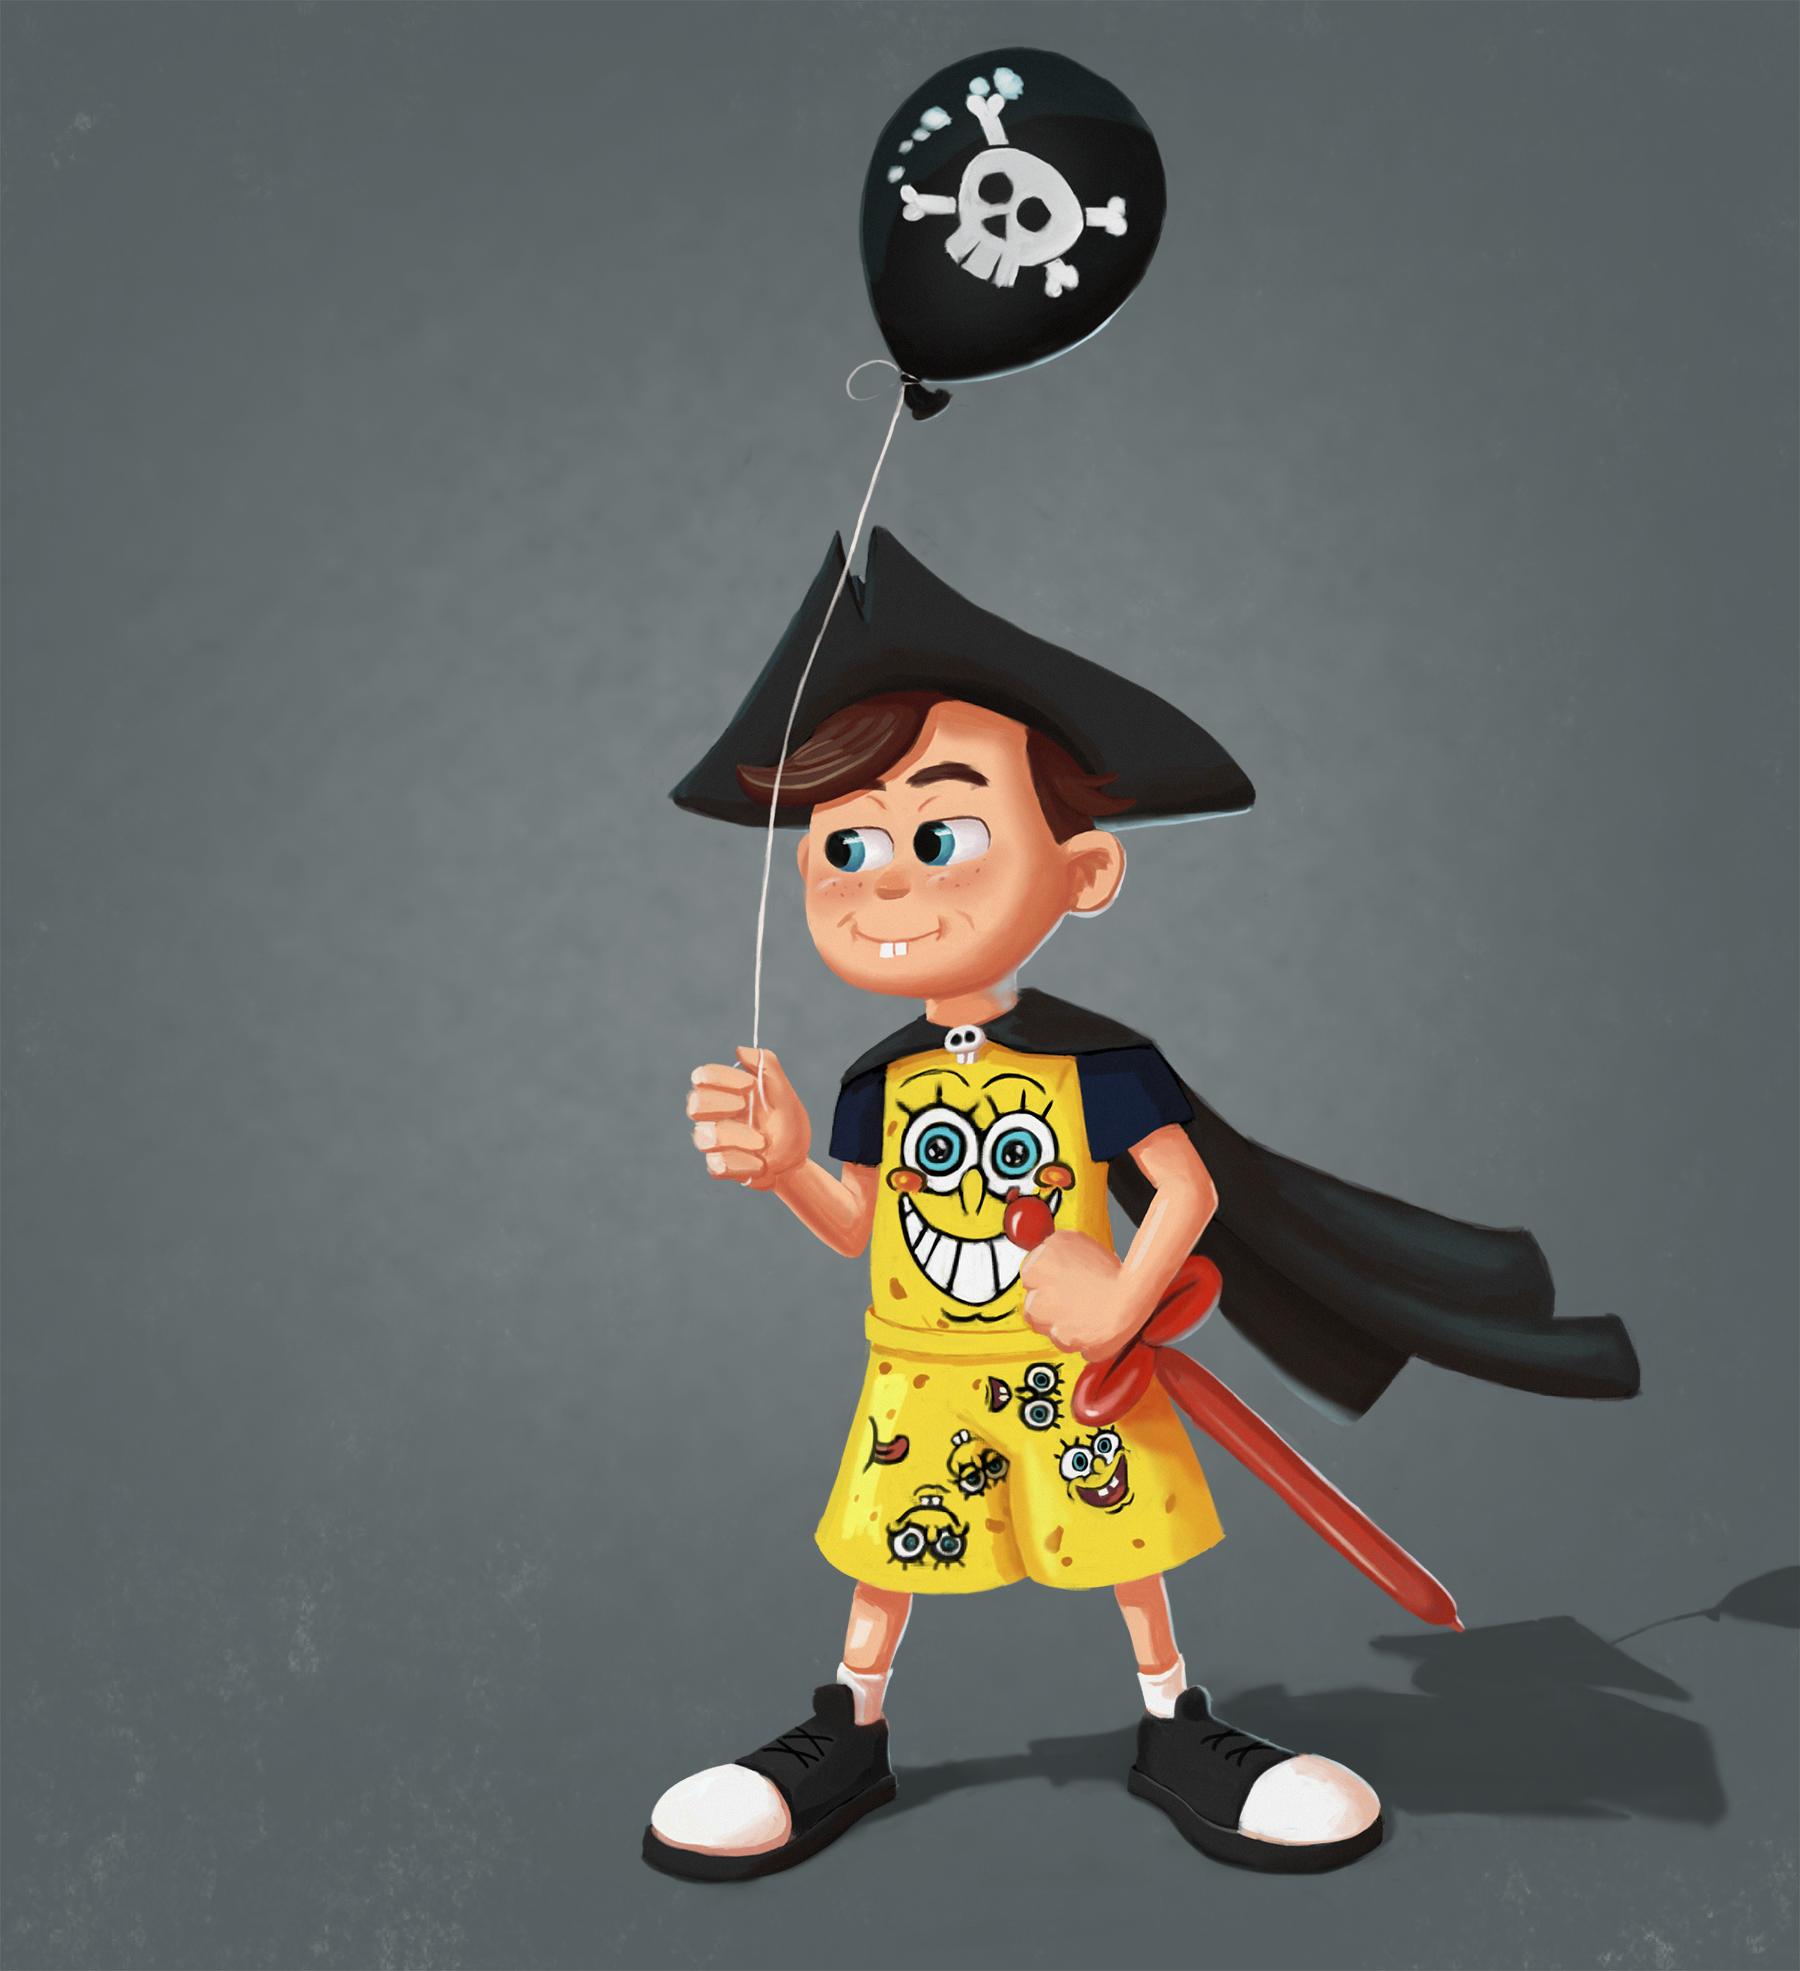 spongebob pajama kid by erniethemighty on newgrounds